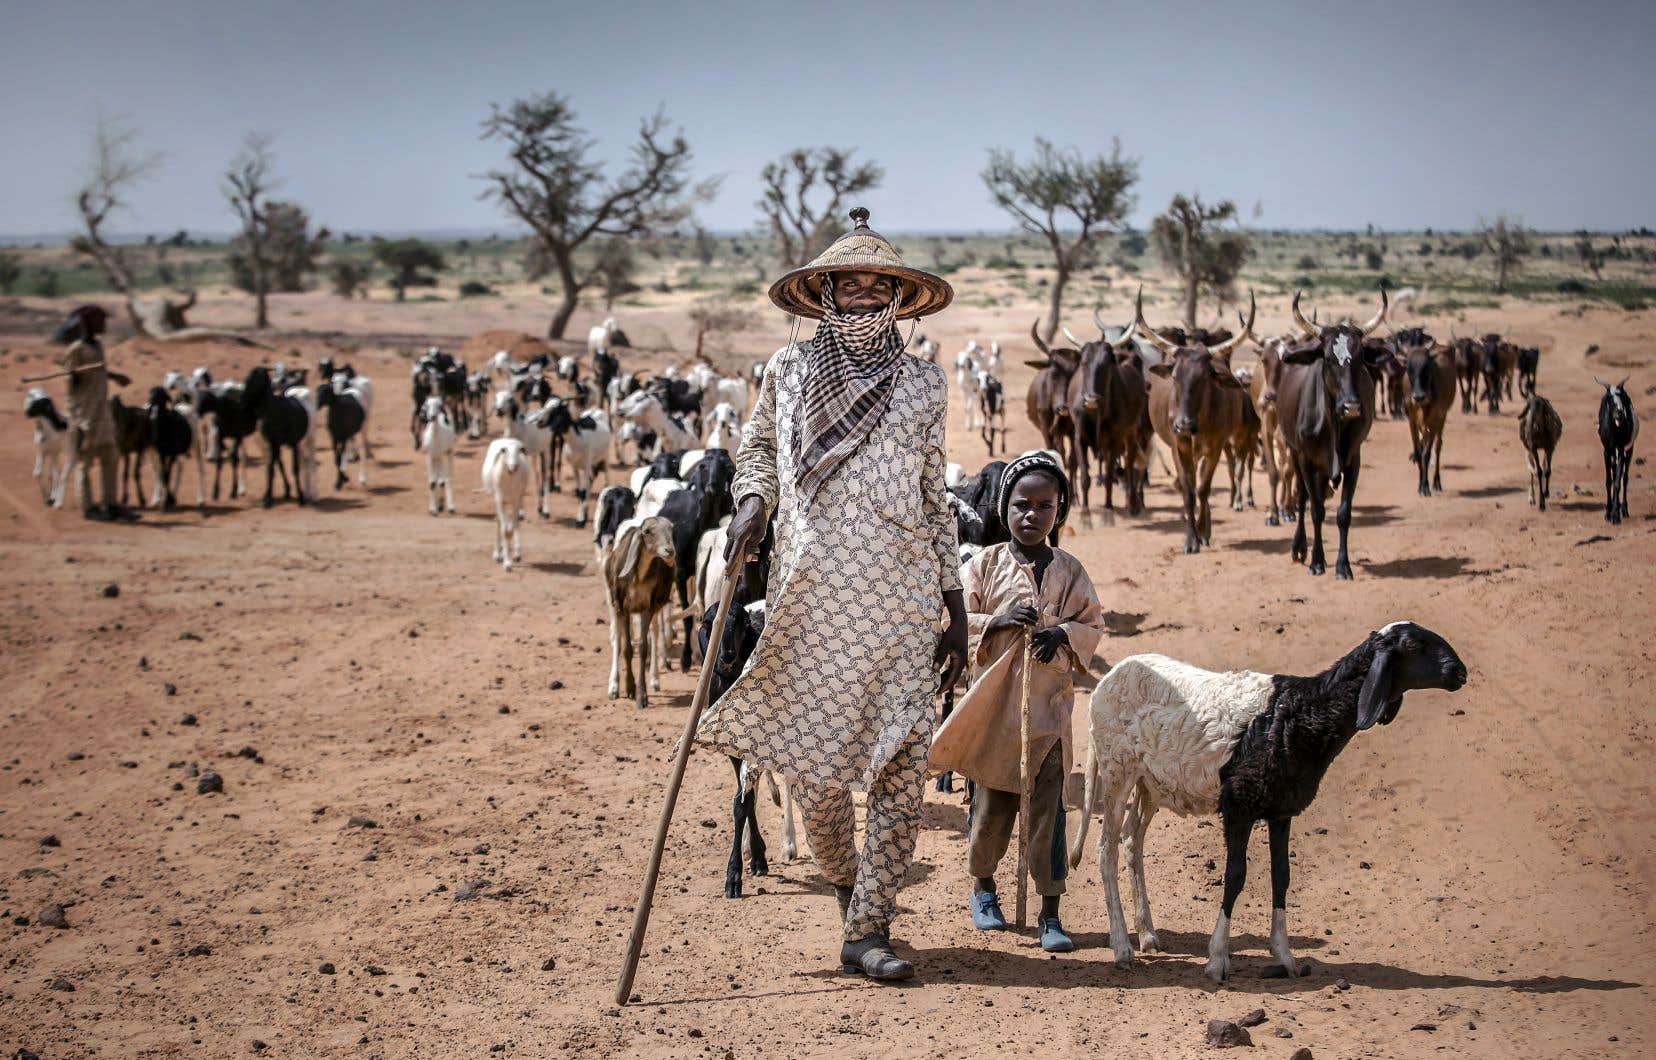 Un nomade fulani et son fils mènent leur bétail près de Maradi, au Niger. La région du Sahel a toujours eu un climat inhospitalier. Mais la hausse des températures cause maintenant des sécheresses prolongées, exacerbant les pénuries de nourriture et forçant des populations à migrer, contribuant ainsi à l'instabilité dans une région déjà marquée par les crises.